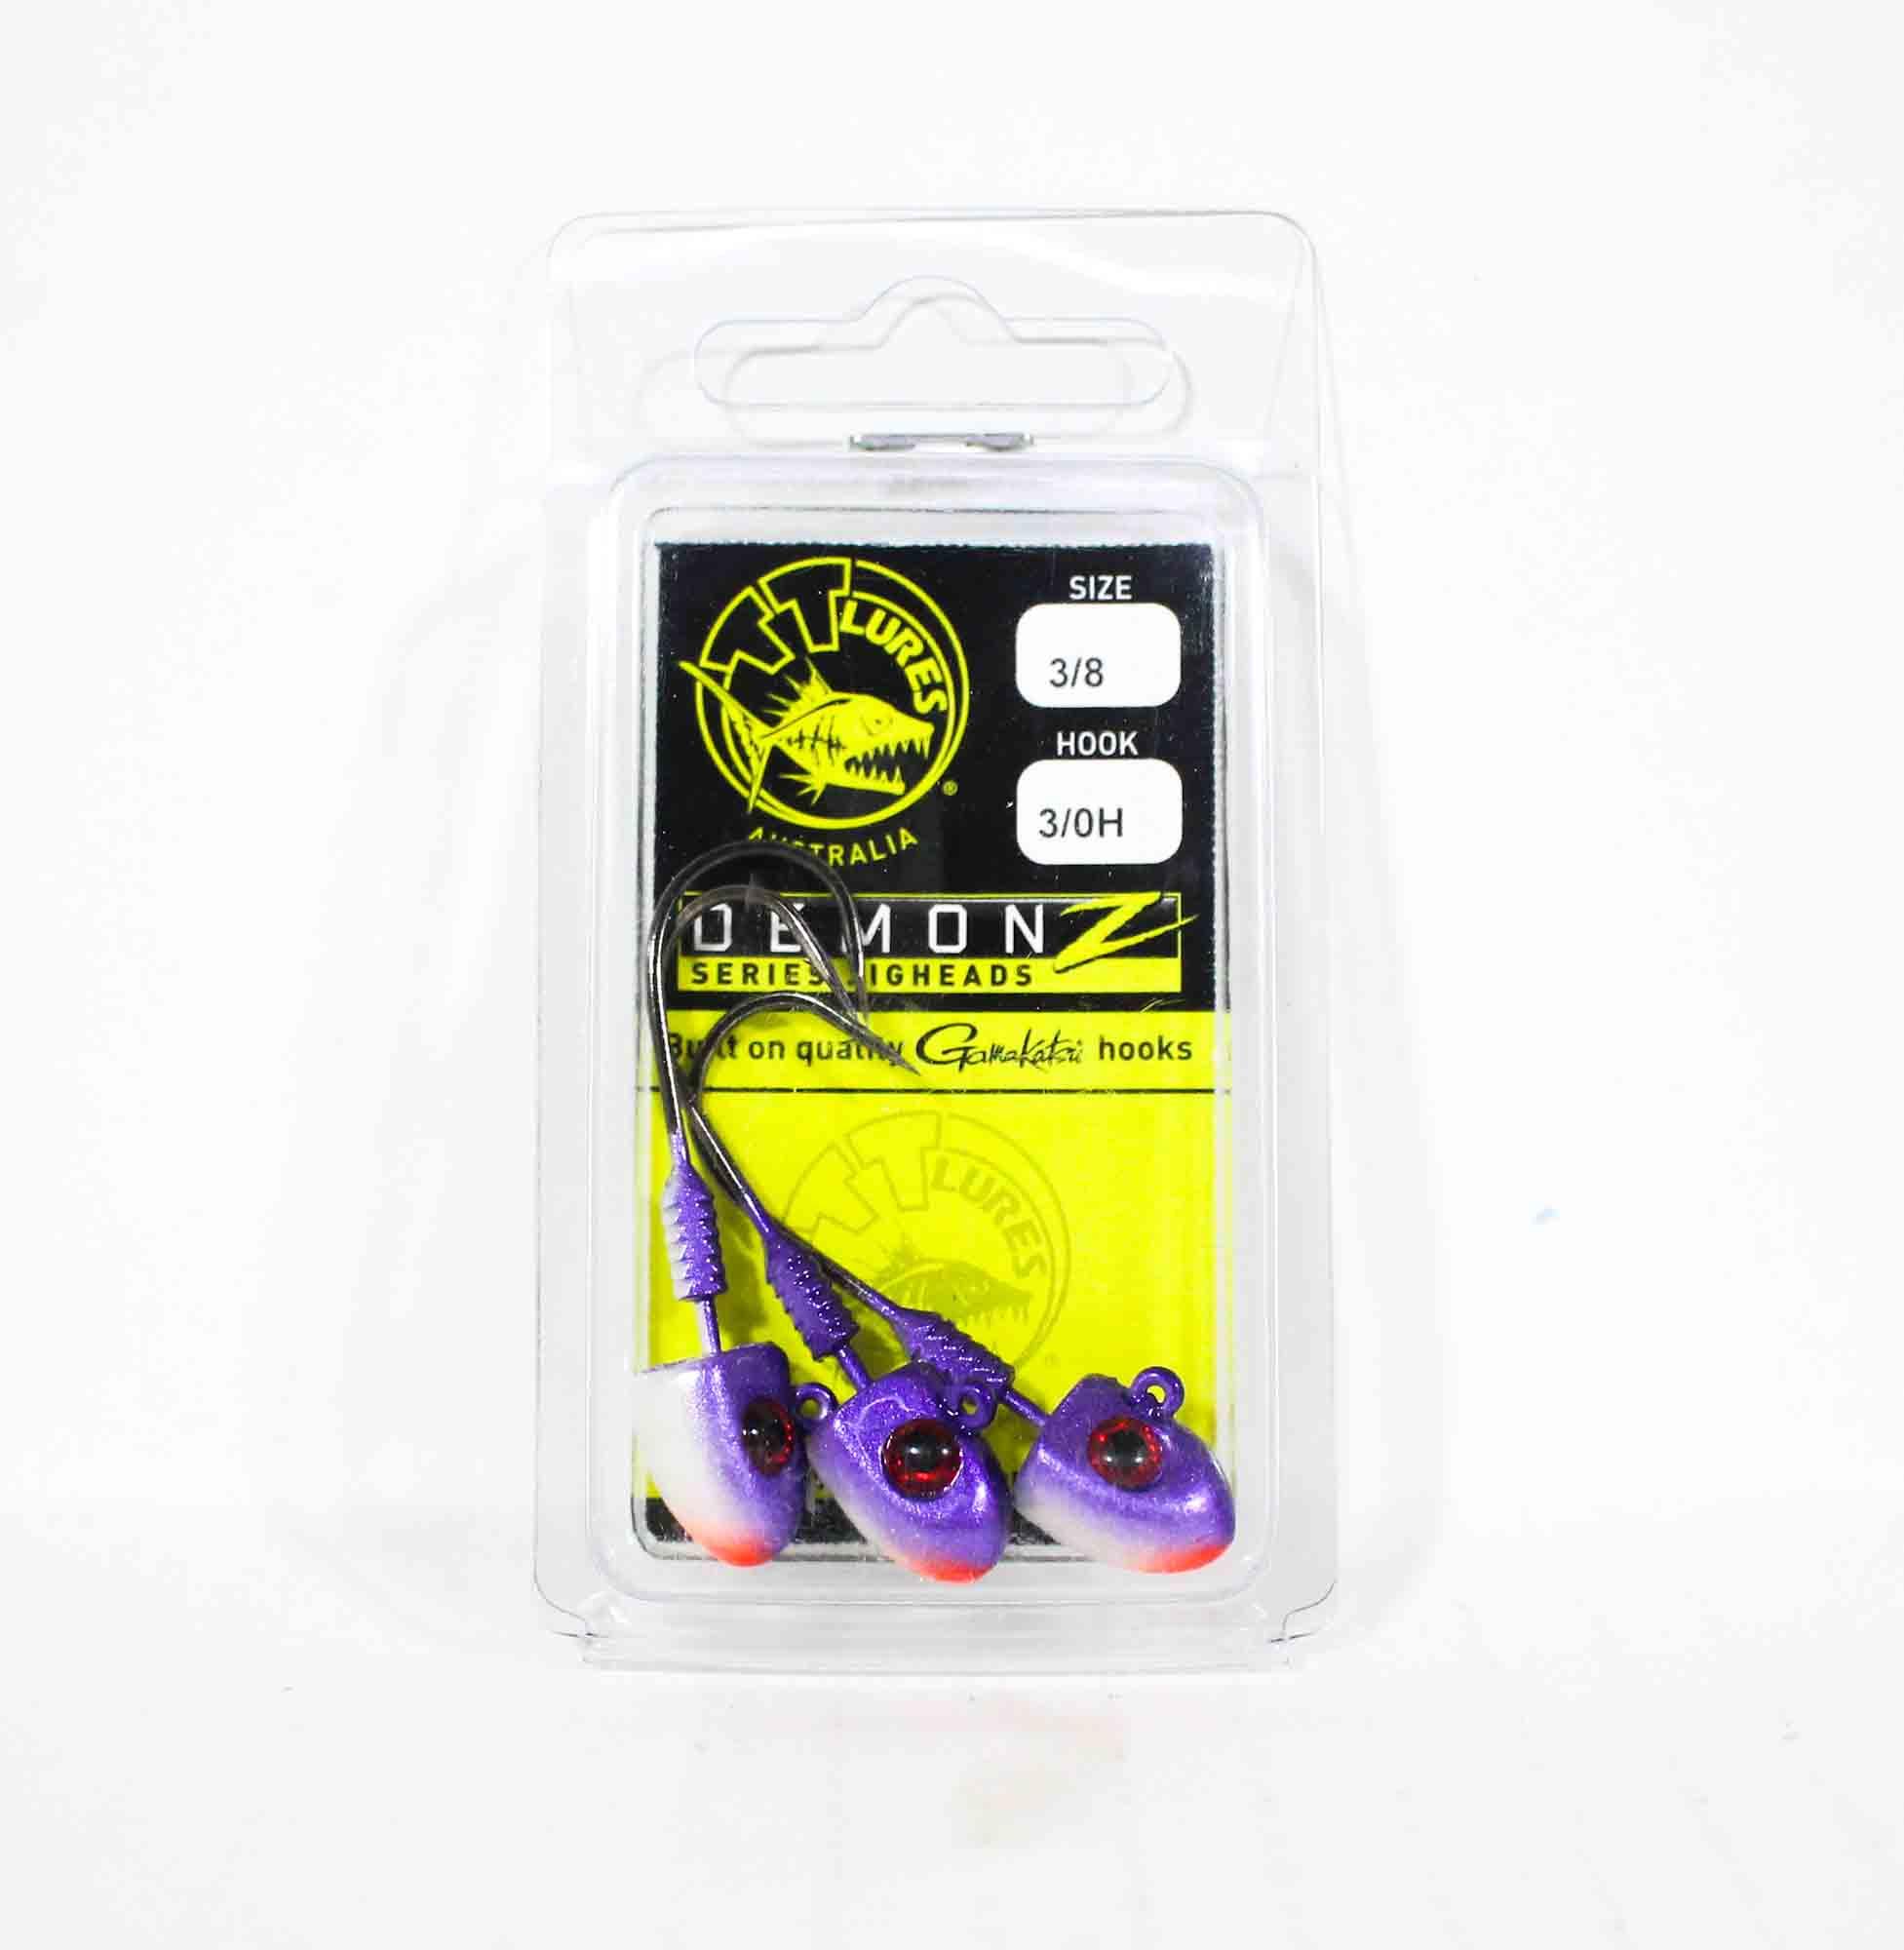 Tackle Tactics TT Demonz Jig Head 3/8oz 3/0H 3 per pack Purple Minnow (7624)